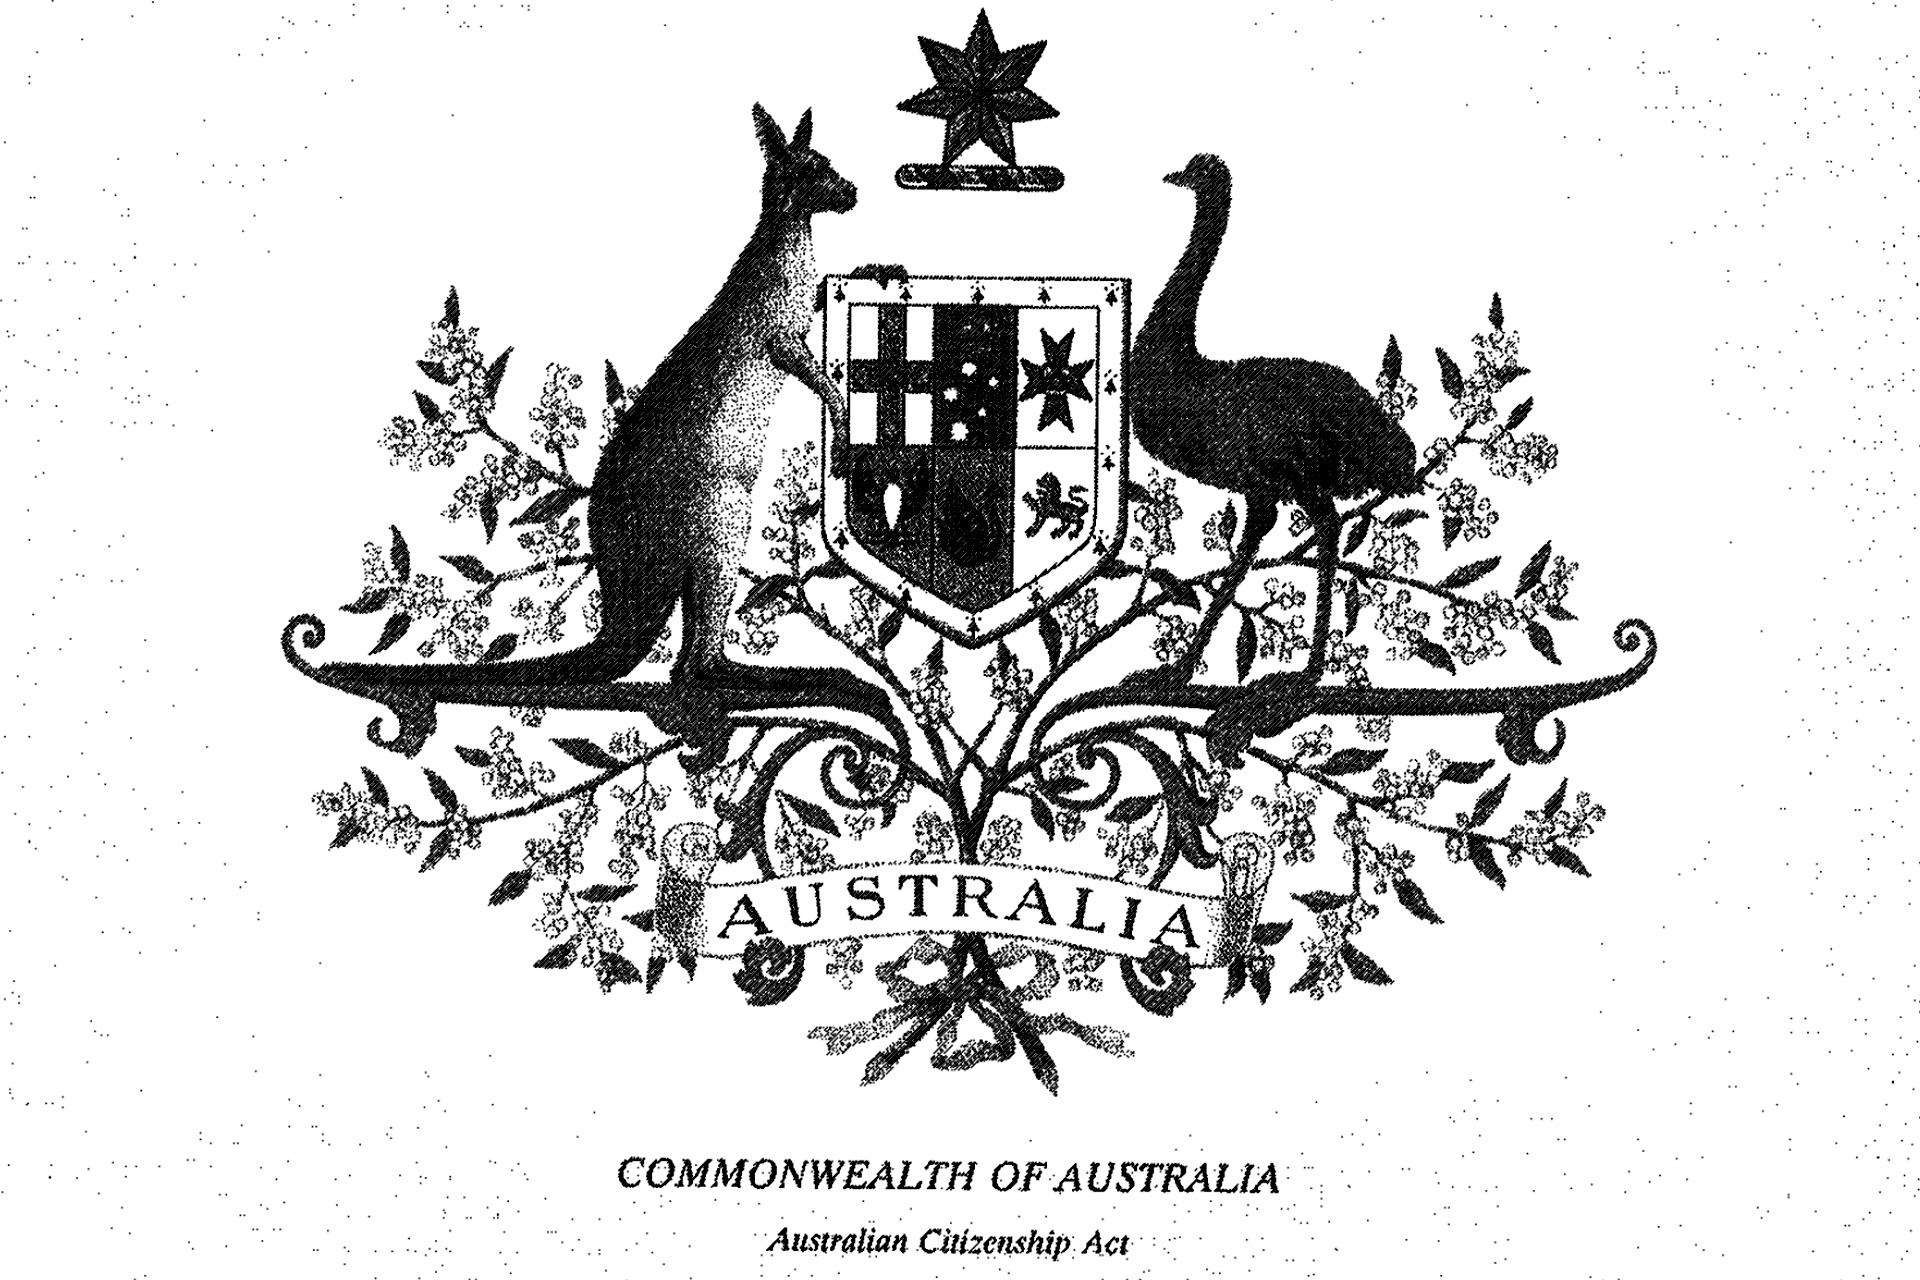 Joel becomes an Australian Citizen